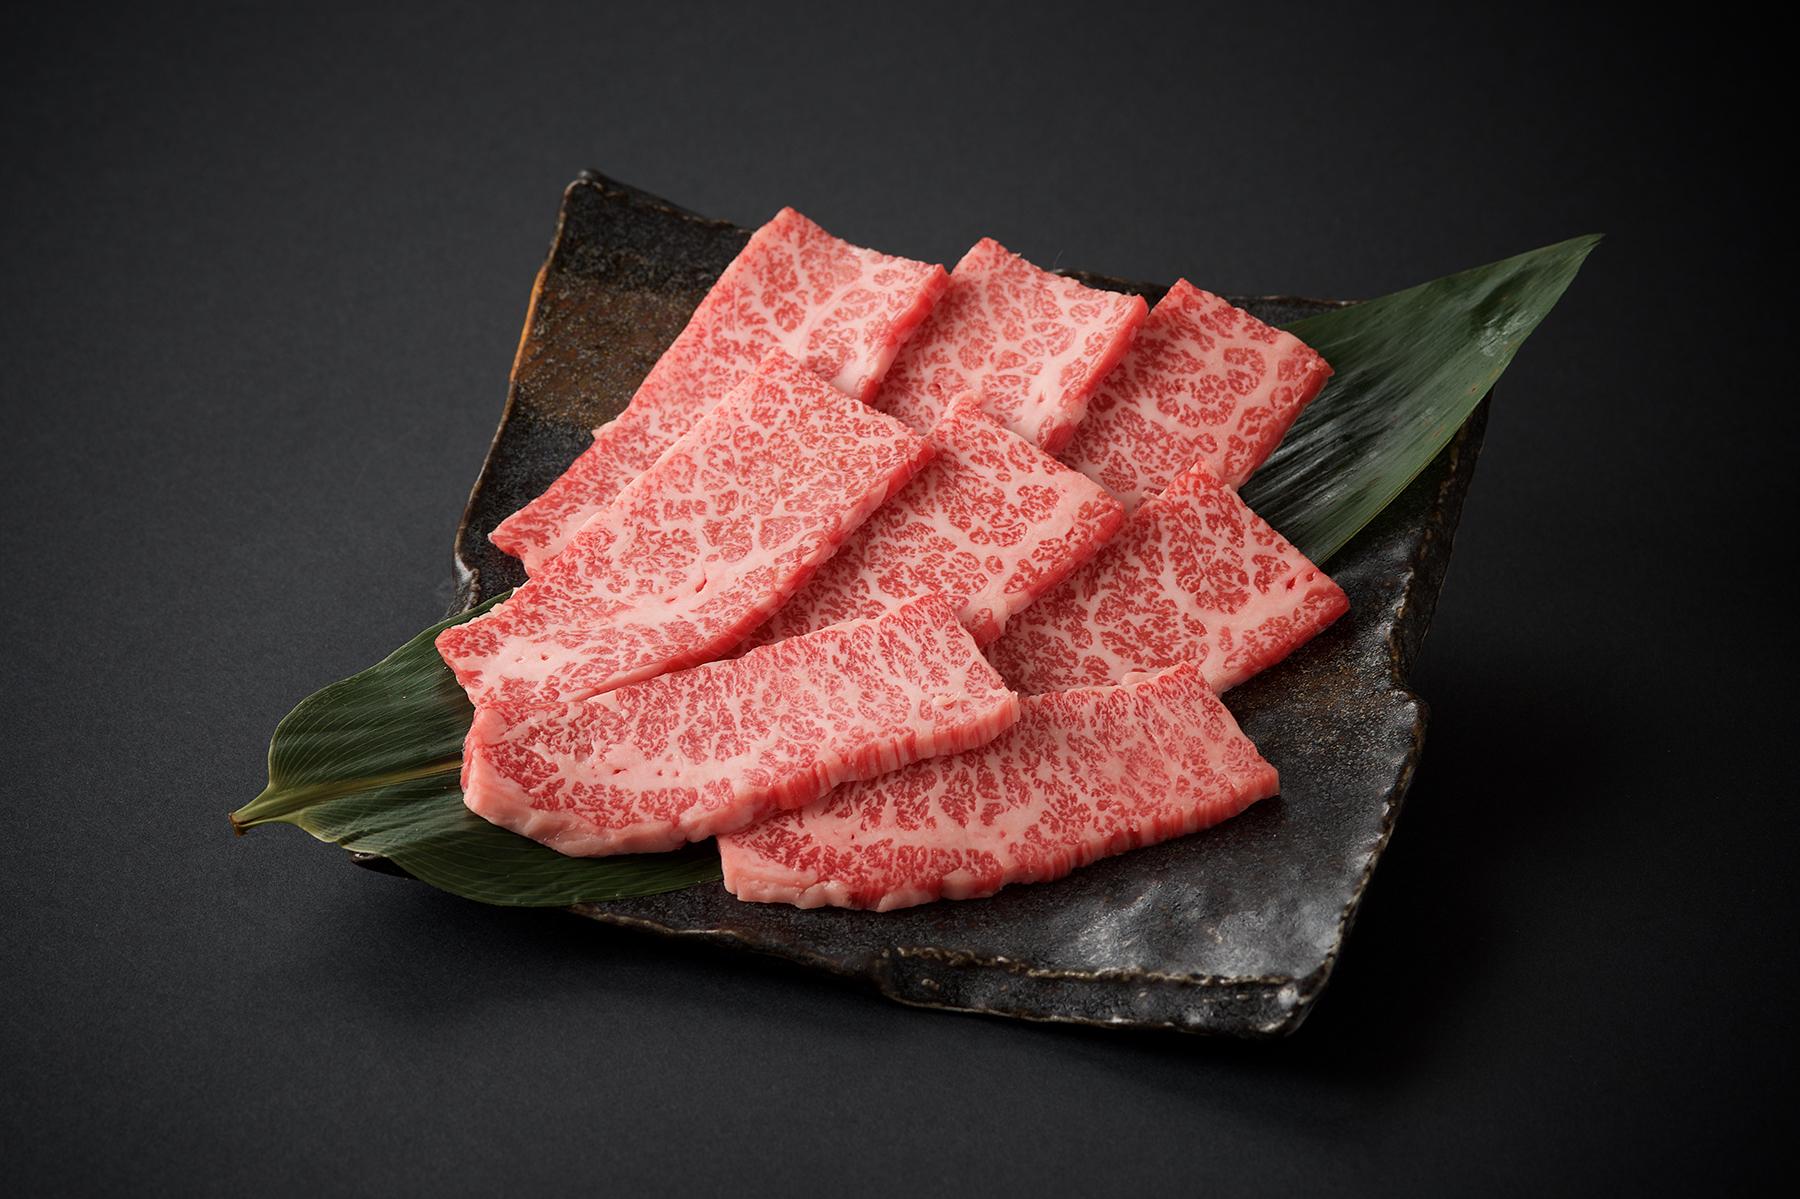 九州産黒毛和牛 ふらんく/100g